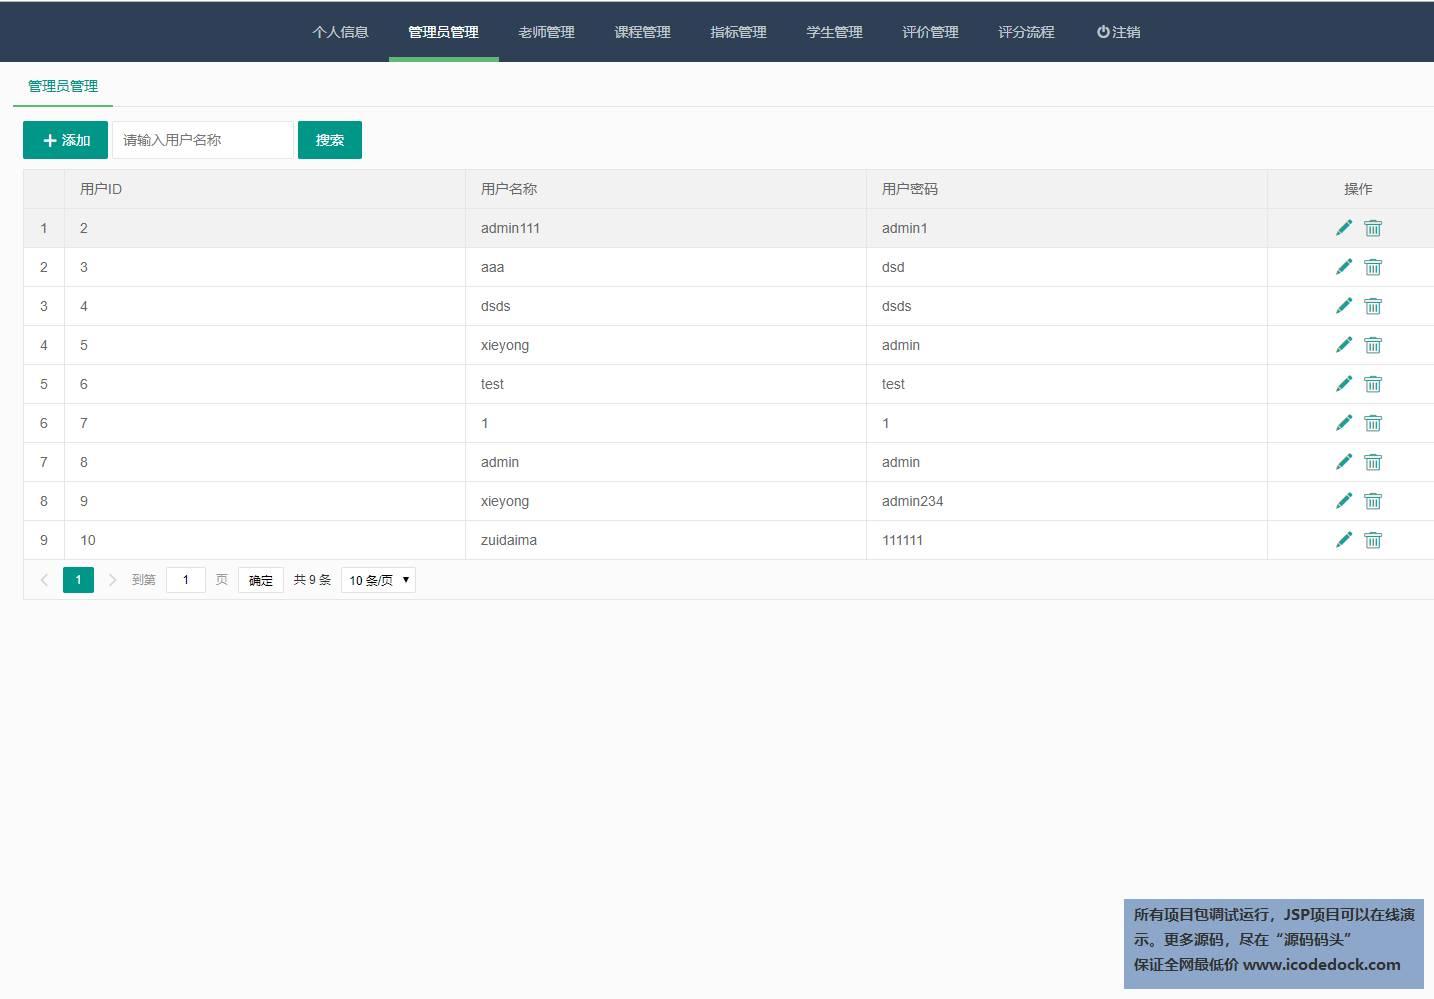 源码码头-Springboot课程评分评价管理系统-管理员角色-管理员管理